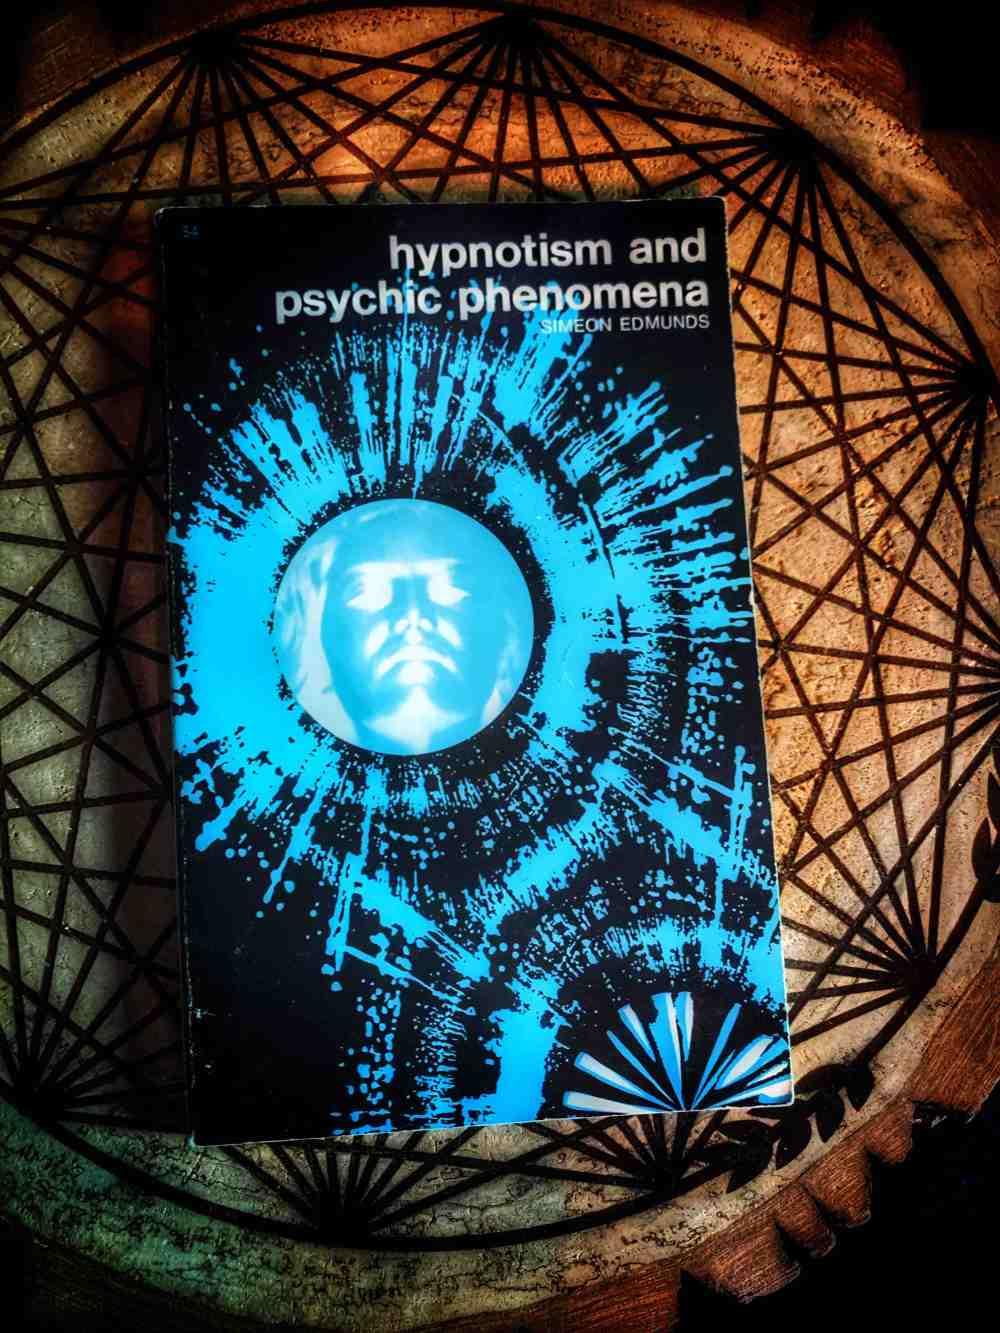 Hypnotism and Psychic Phenomena